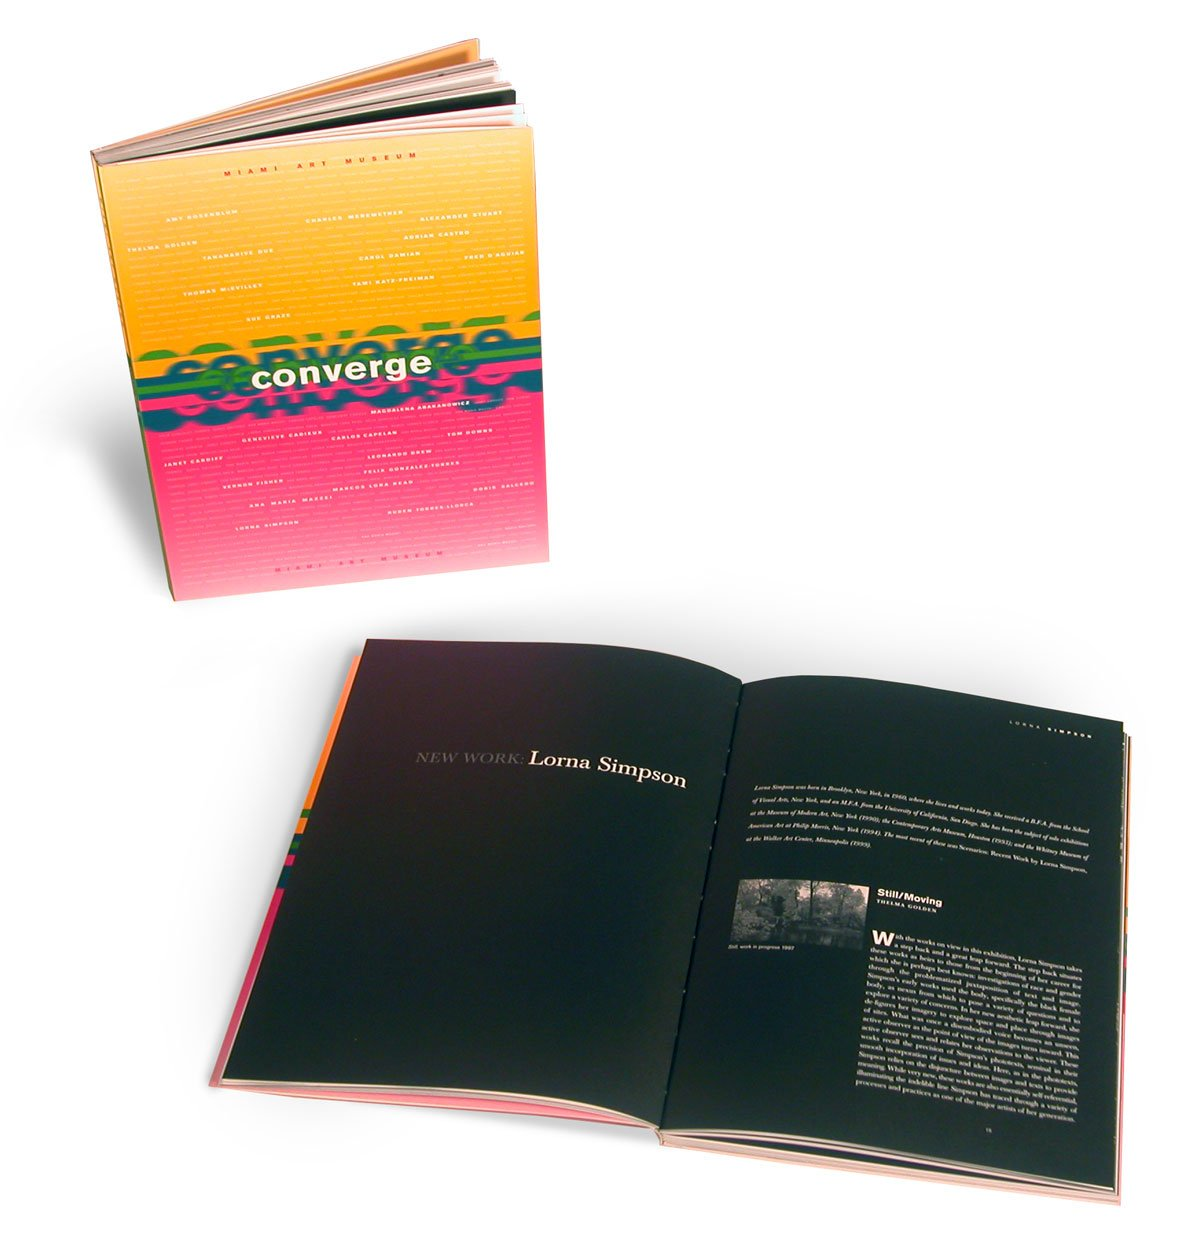 vortex-miami-graphic-design-arts-mam-converge-1